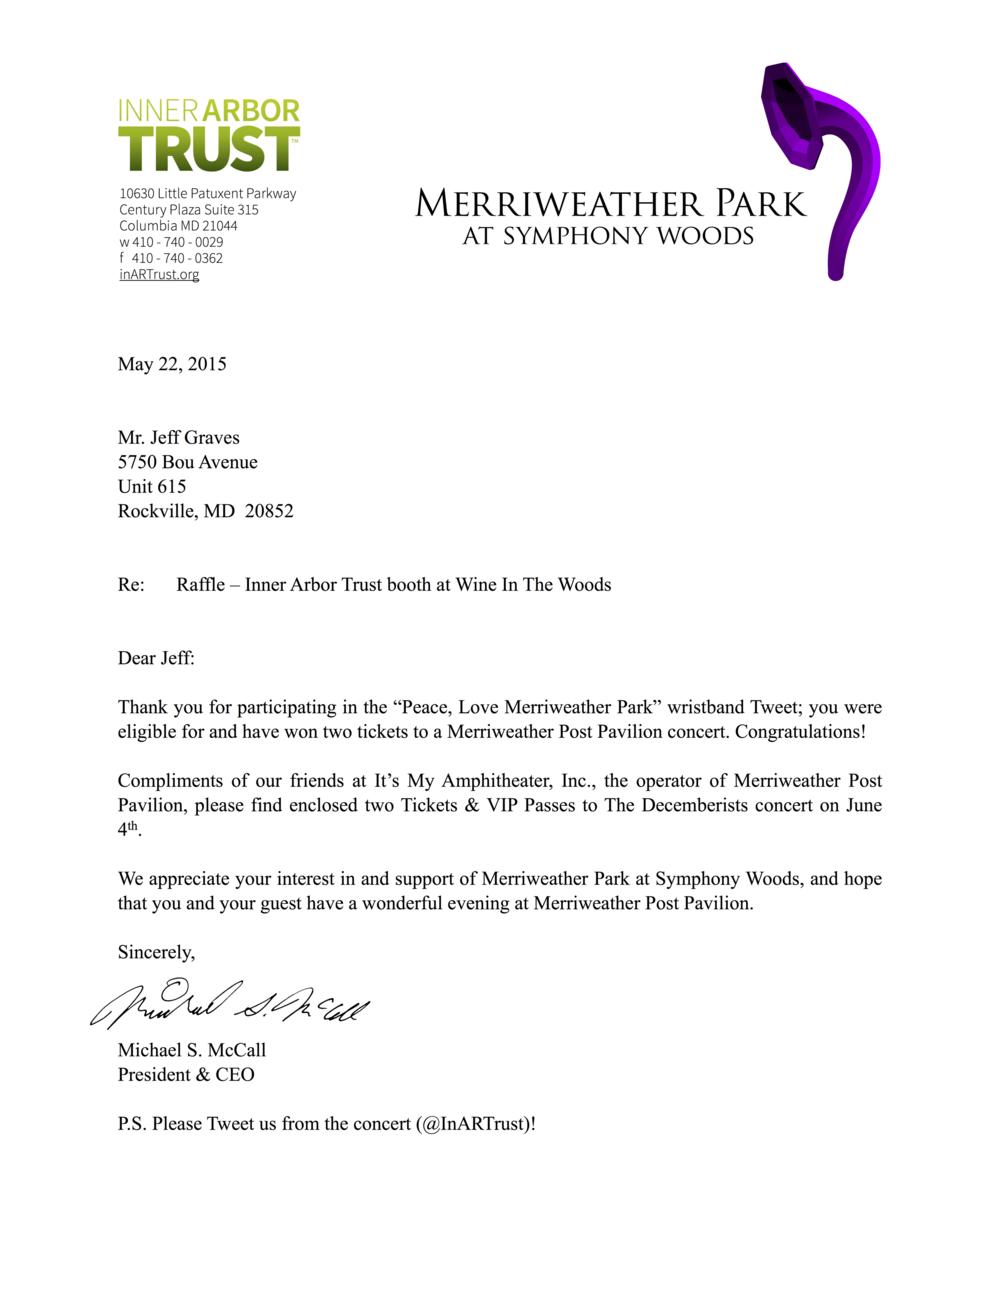 Trust Raffle Winner Letter Jeff Graves.png